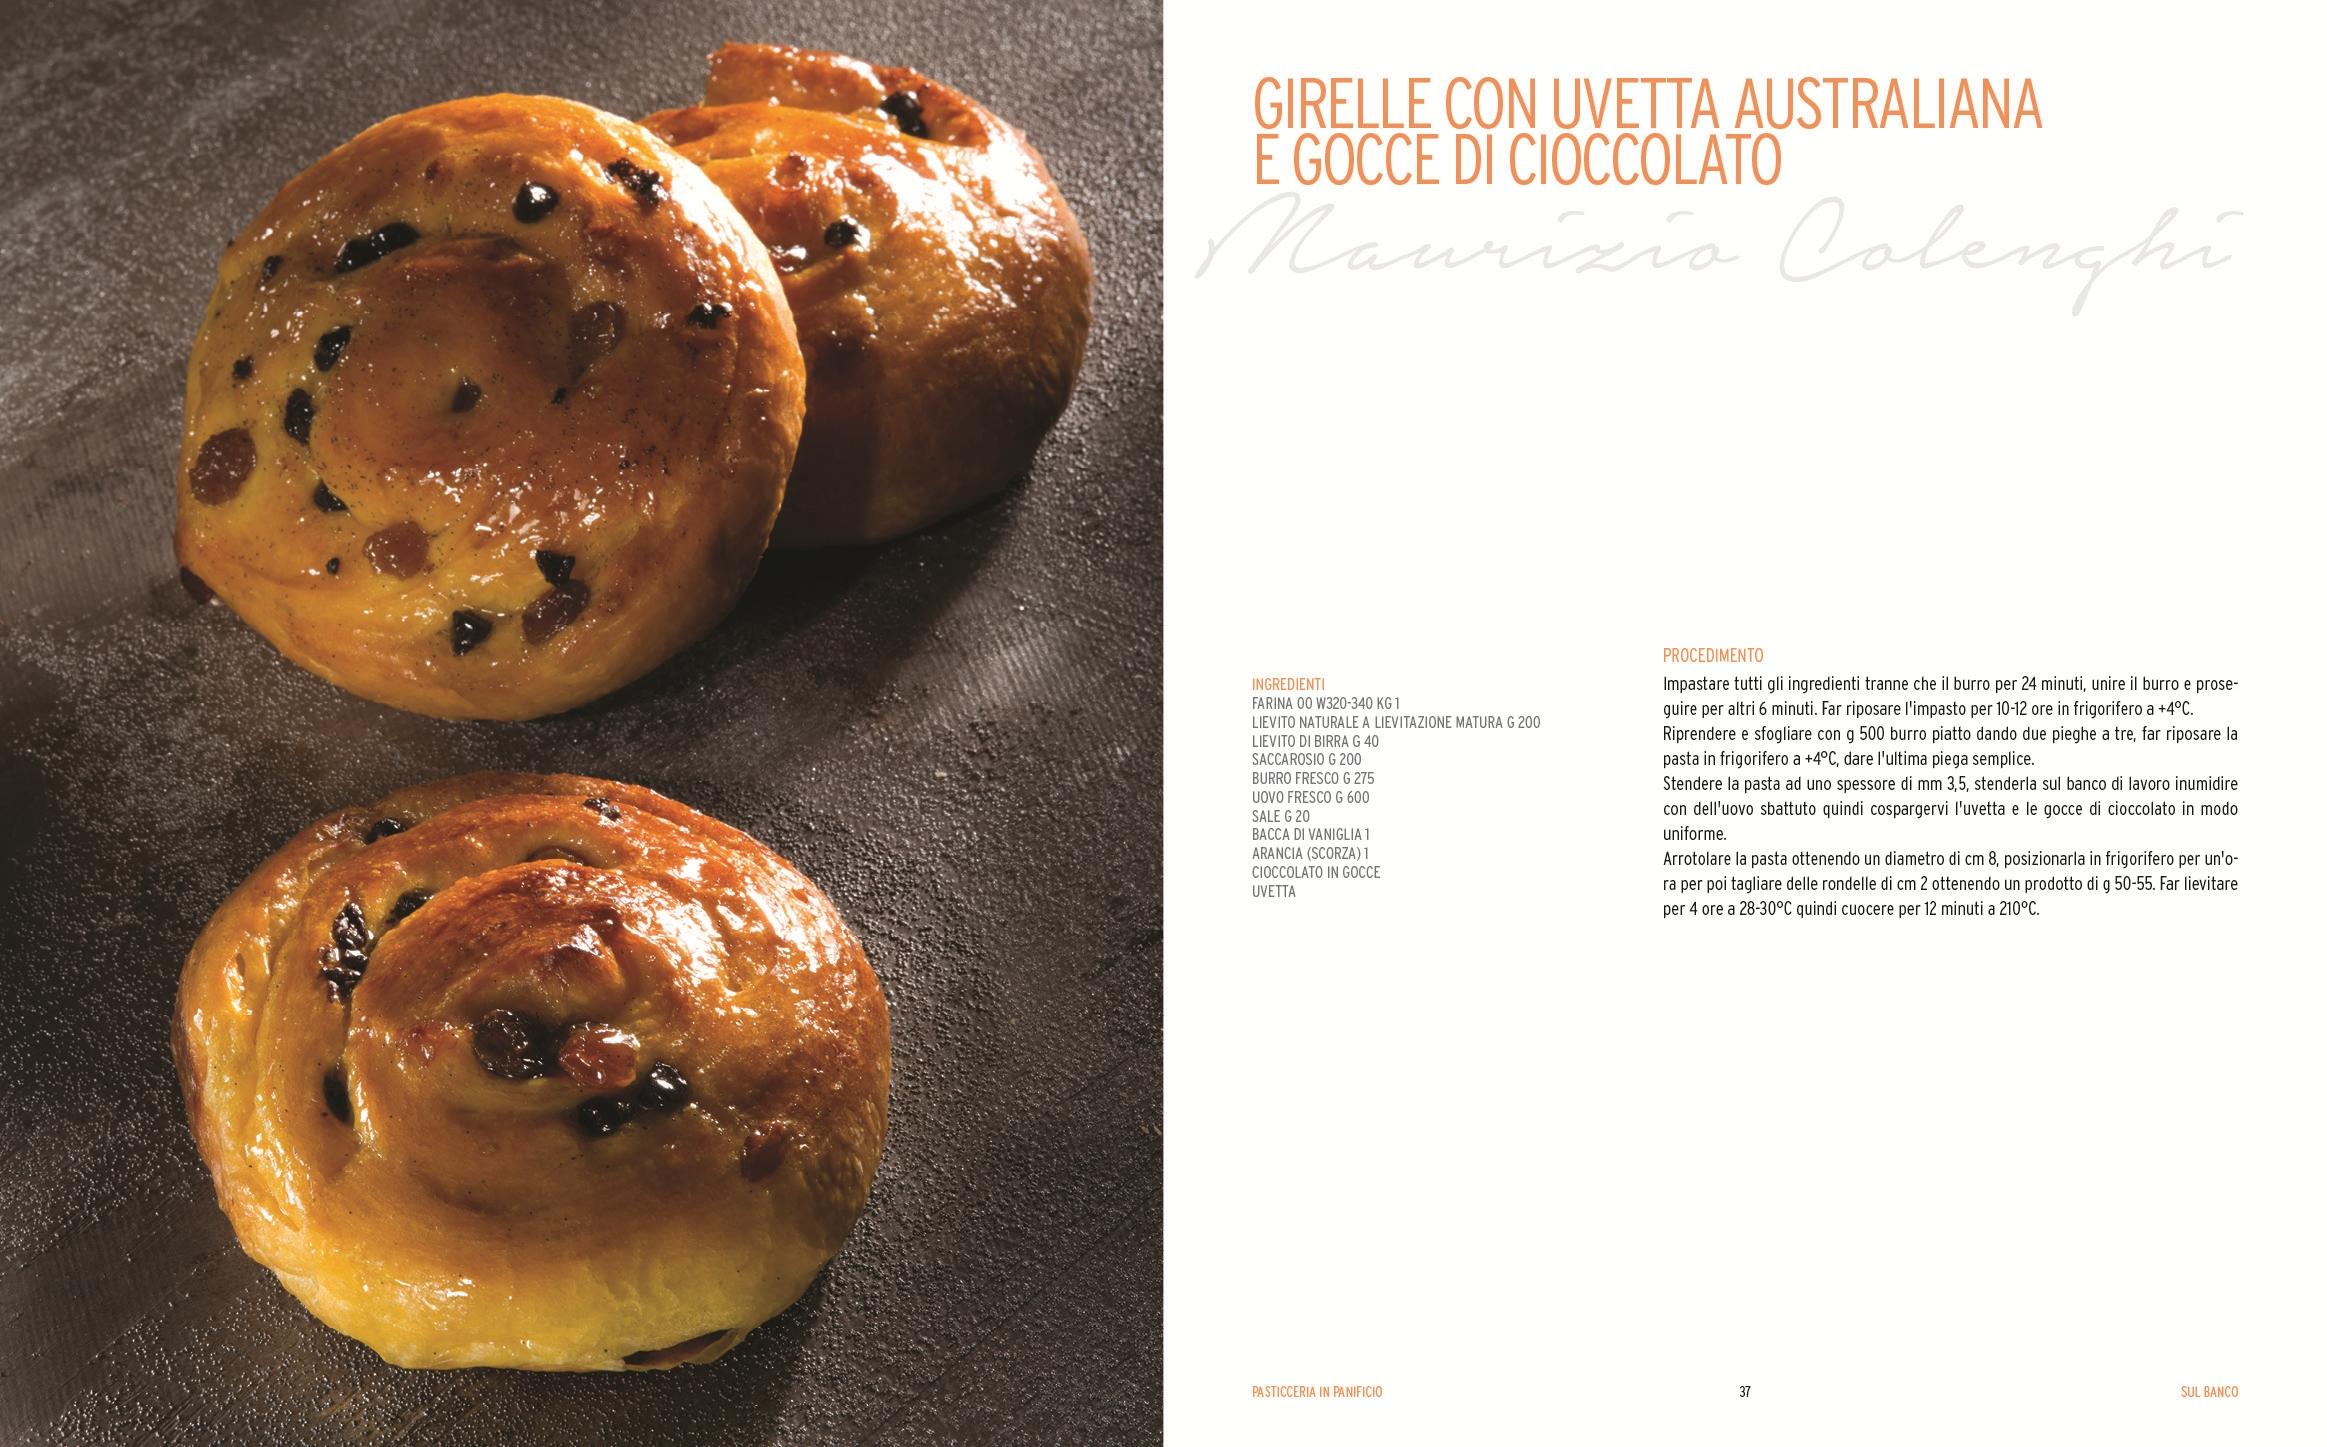 Torte Da Credenza Davide Malizia : Pasticceria in panificio un libro dallo shop di italian gourmet